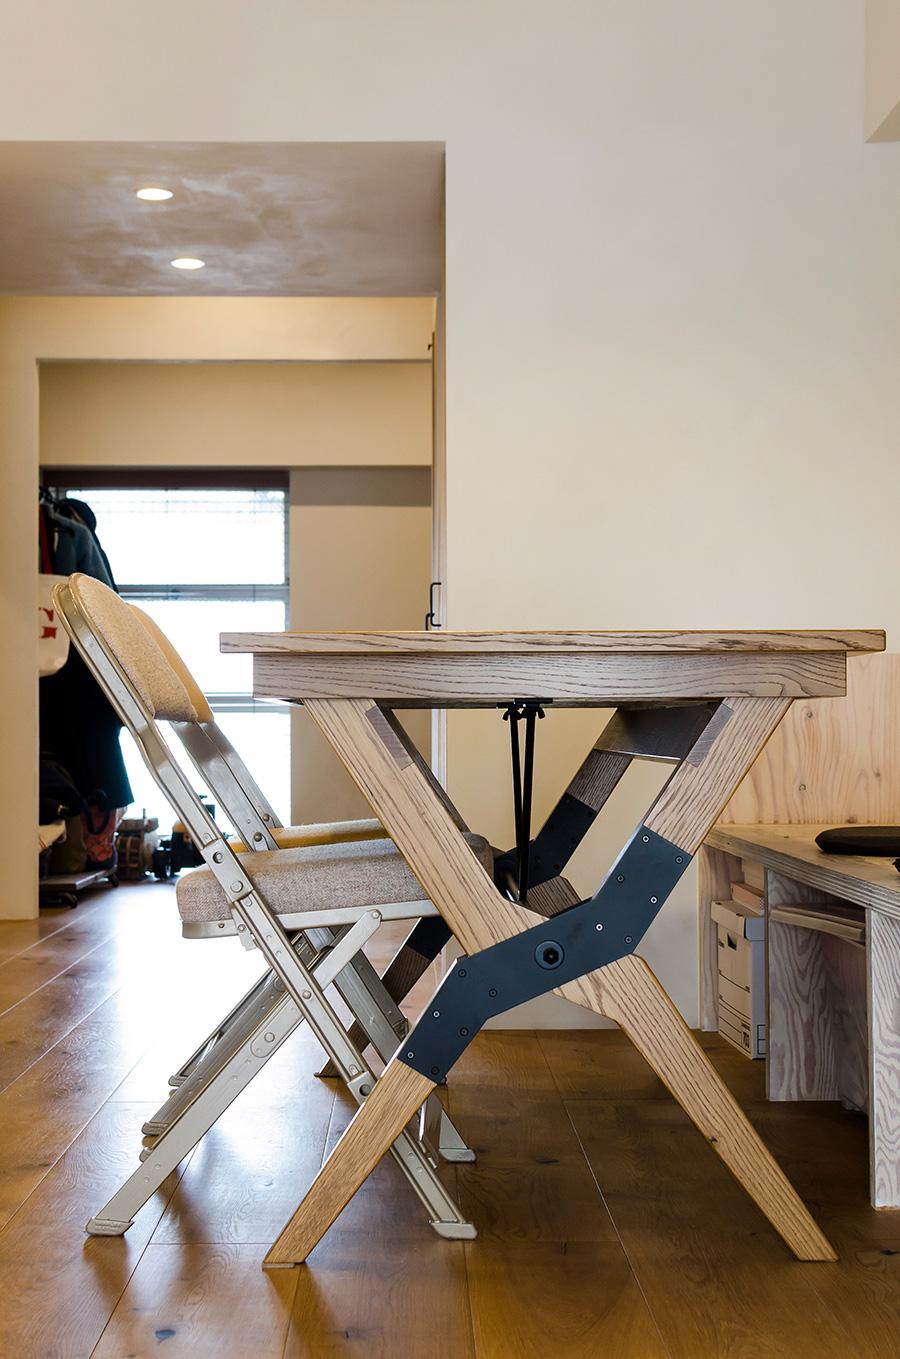 横から座りやすいX脚のテーブルは「PACIFIC FURNITURE SERVICE」で購入。